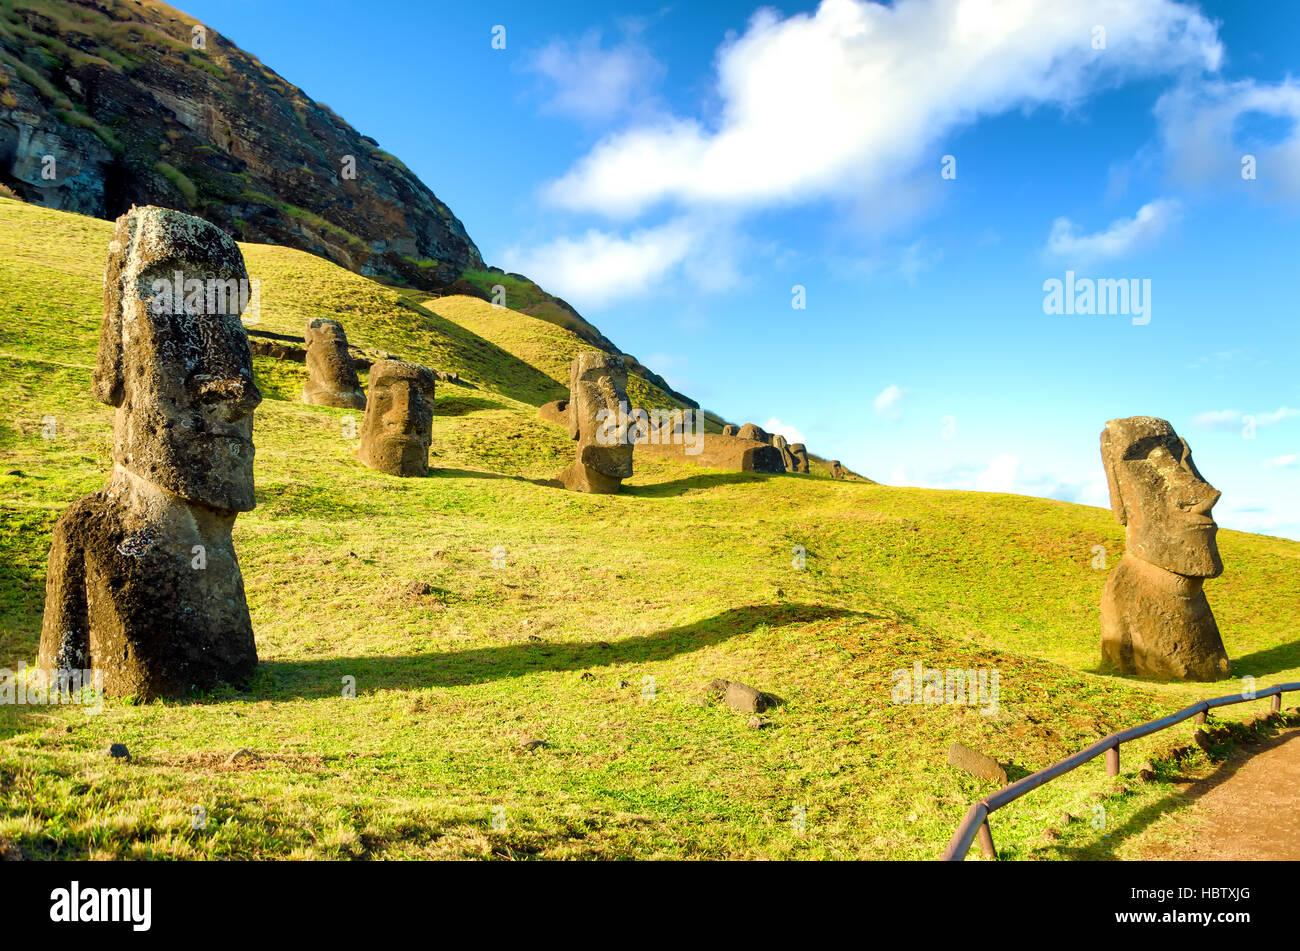 Stone Moai dell'Isola di Pasqua a Rano Raraku in Cile Immagini Stock